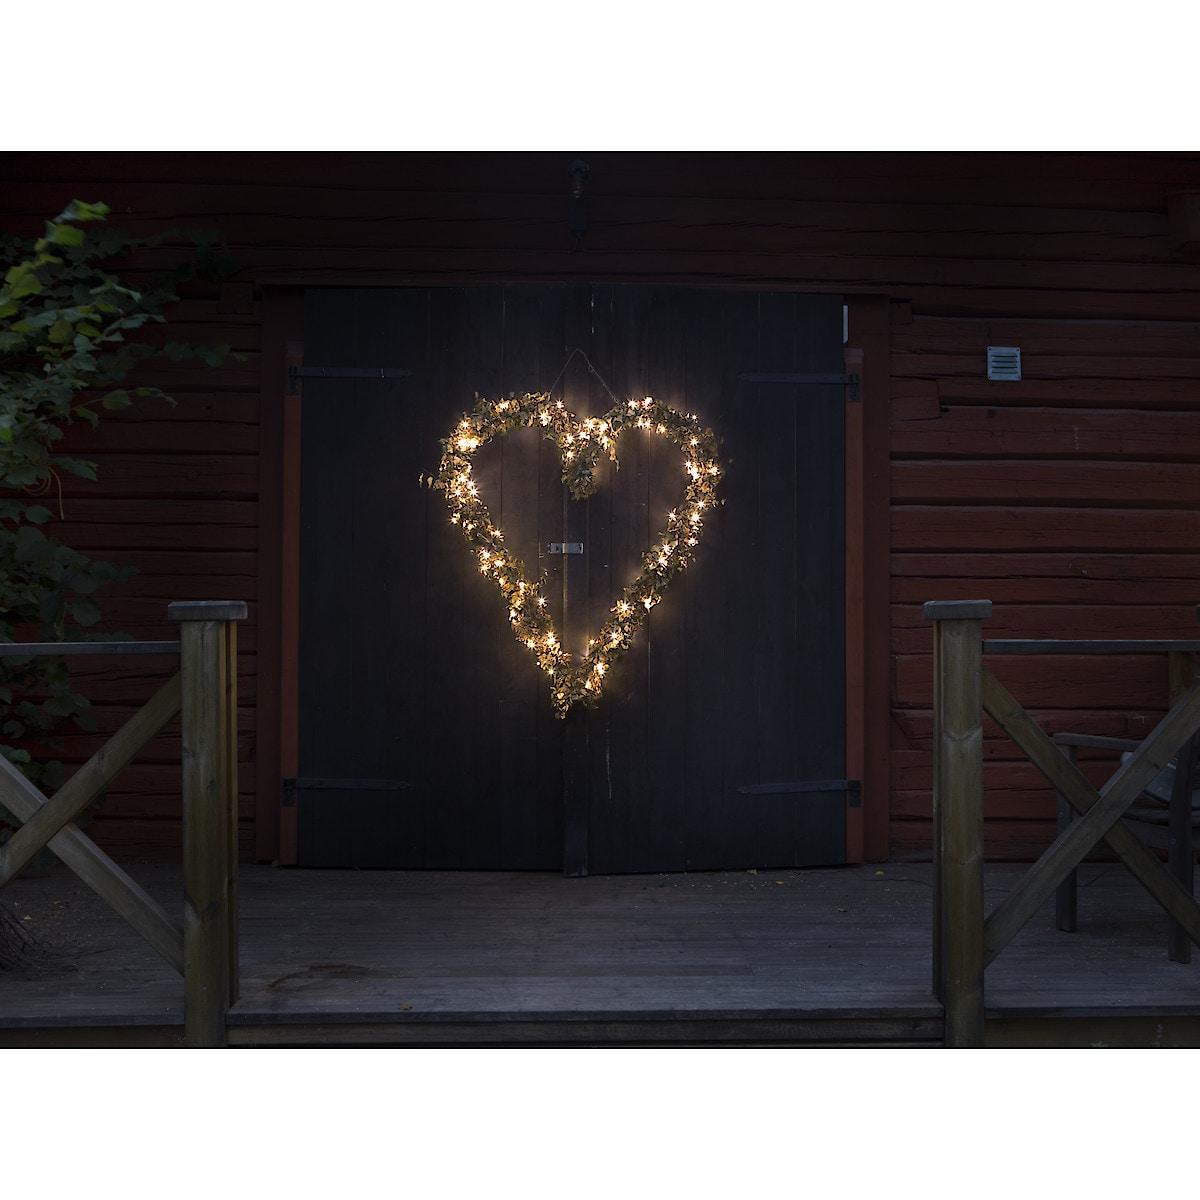 Northlight lysslynge med varmhvite LED-pærer